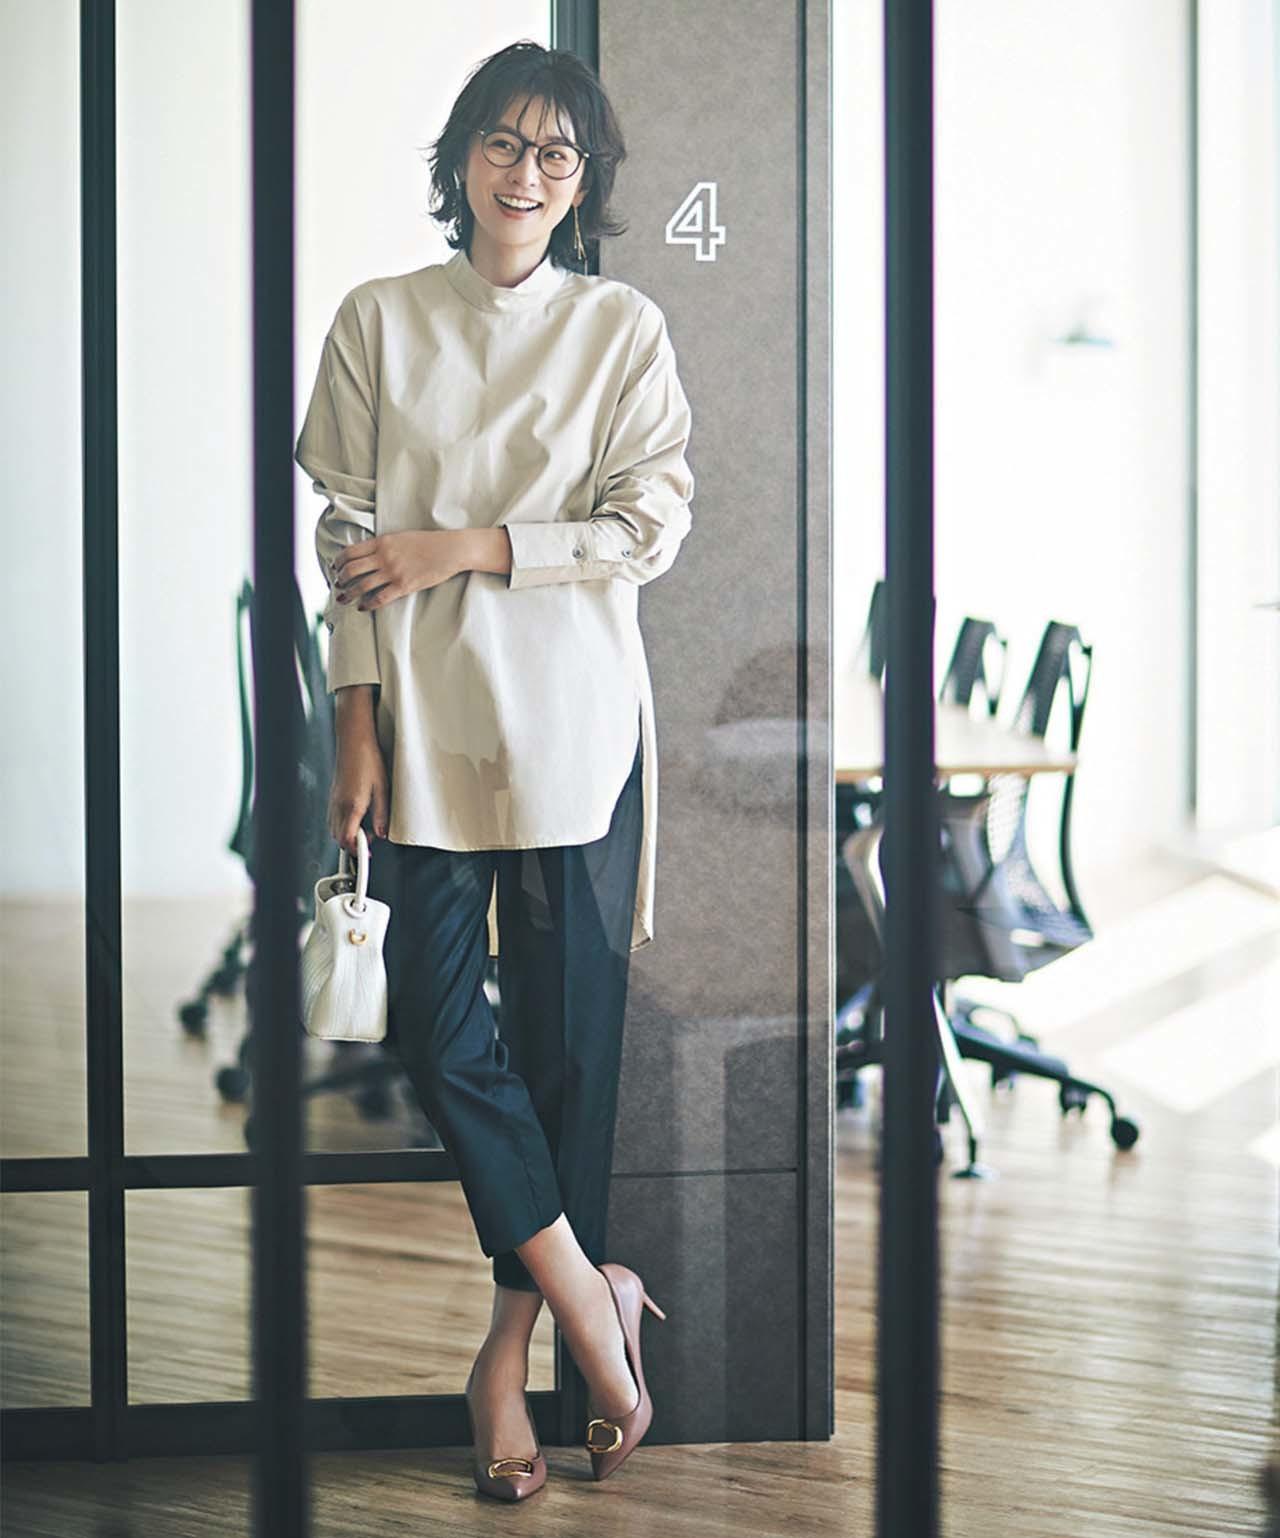 STUNNING LURE タックパンツの黒パンツ×シャツコーデを着るモデルの五明祐子さん